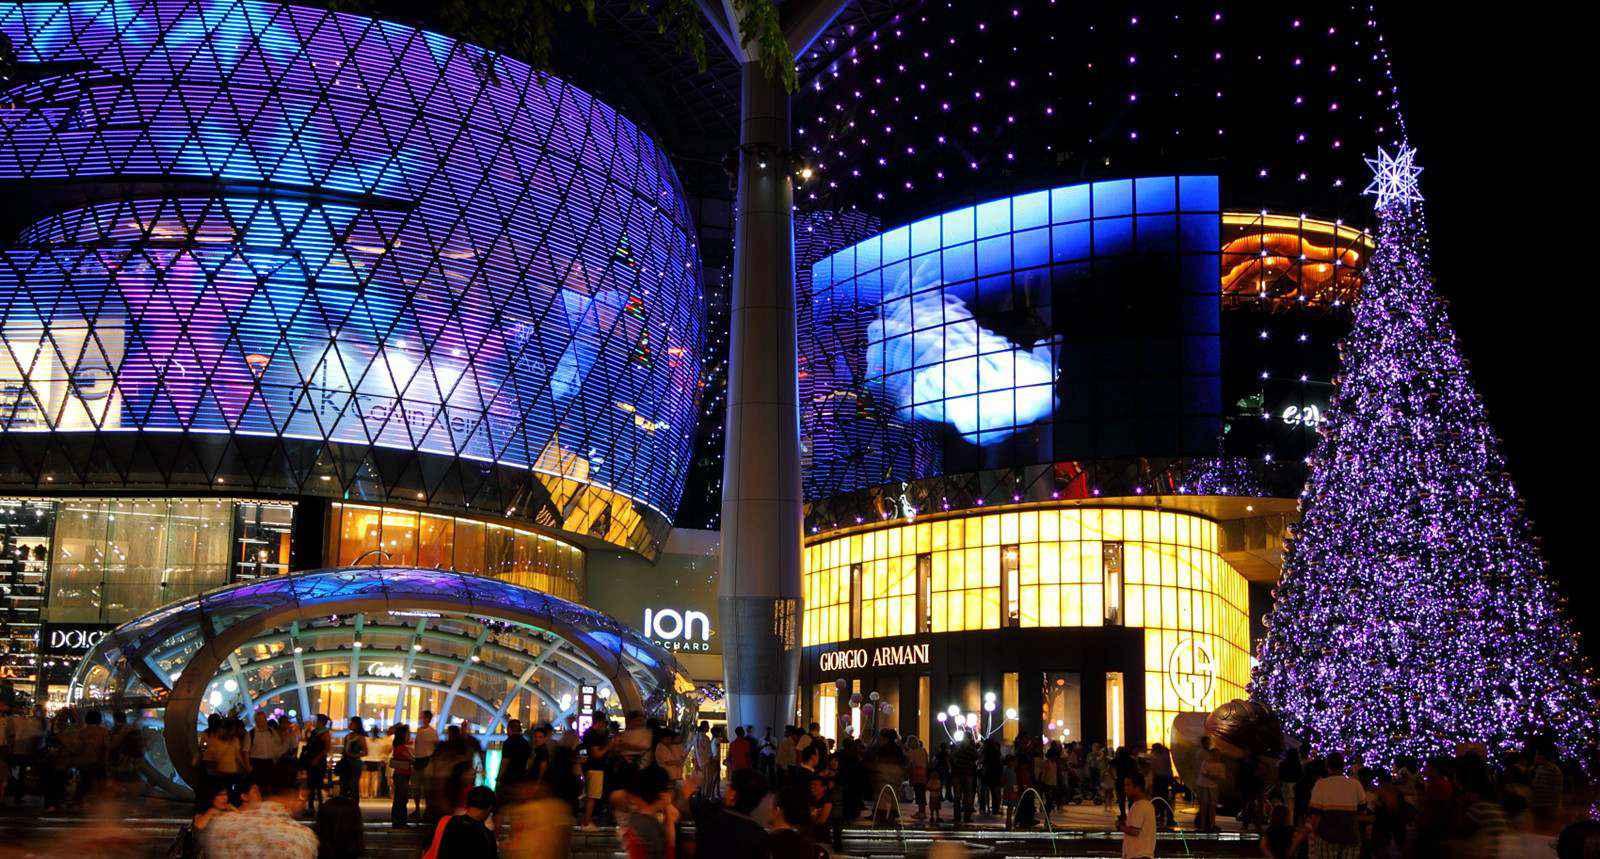 Du lịch Singapore - Đại lộ orchard